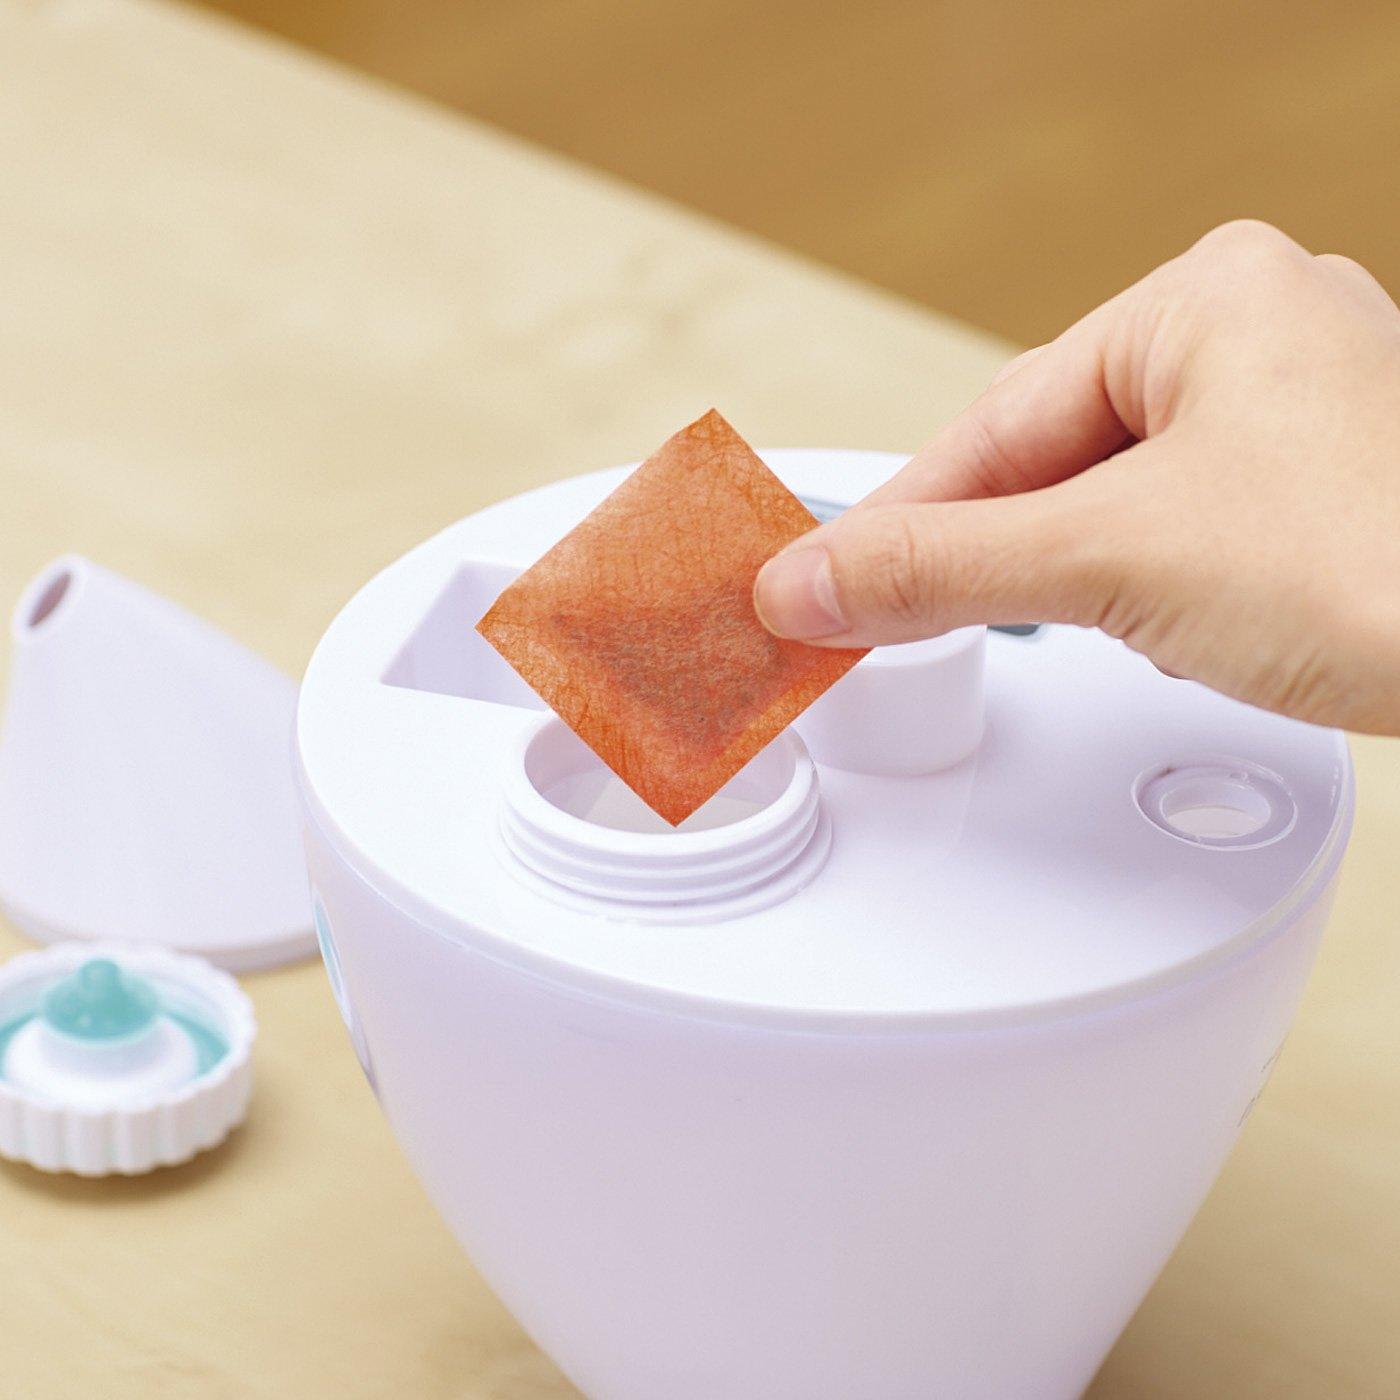 加湿器のぬめりやにおいを防いでくれる ポンッと入れっぱなしヨウ素除菌剤〈ミニサイズ〉の会